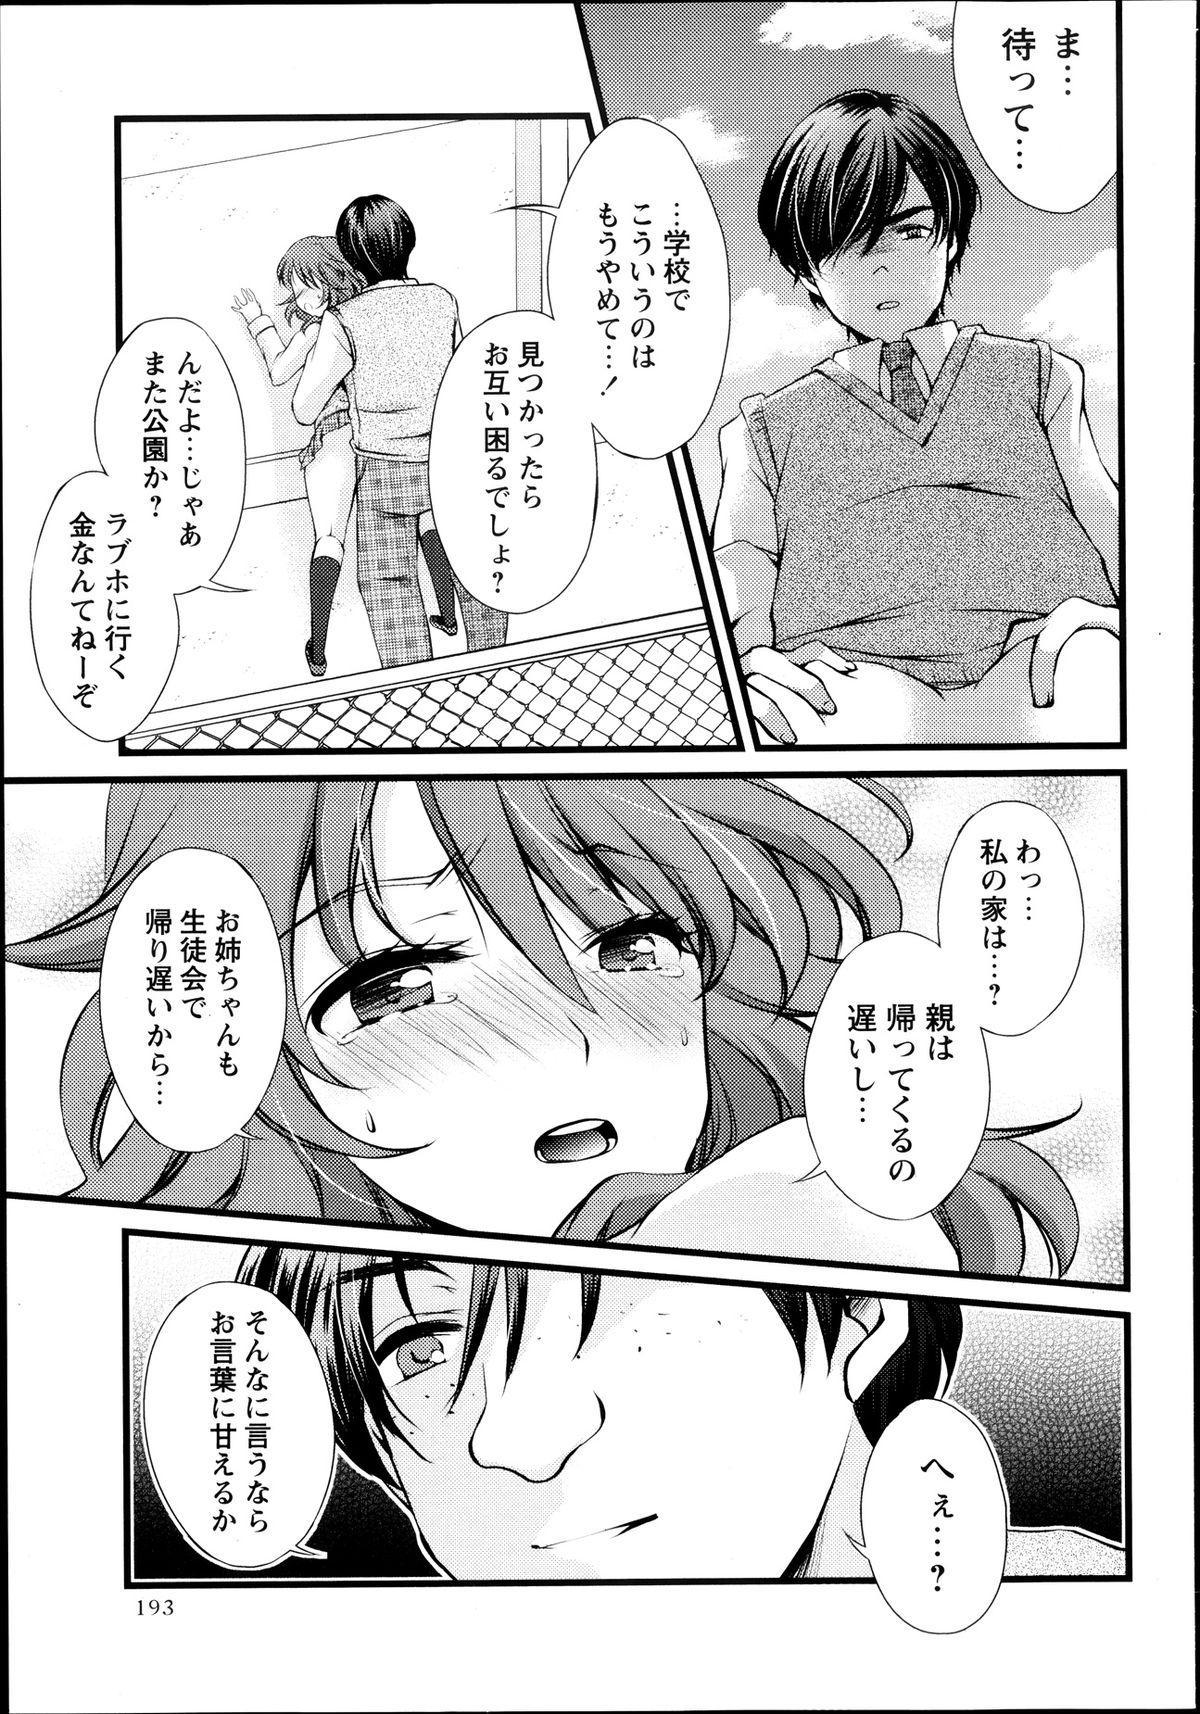 [Aoi Yumi] Kamen no Daishou ~Rensa Suru Ryoujoku~ Ch.1-5 26